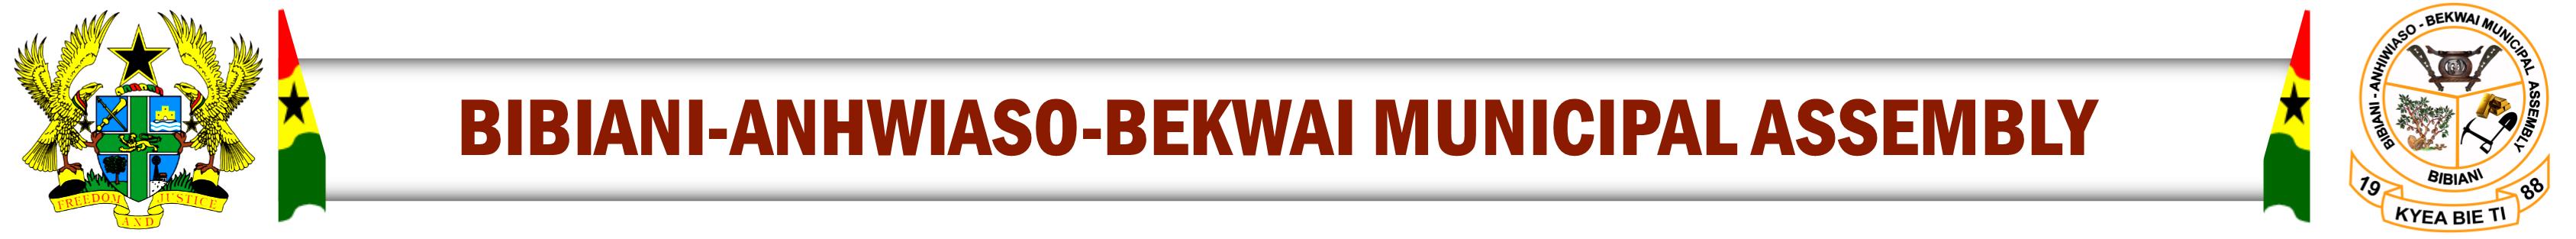 Bibiani Anhwiaso Bekwai Municipal Assembly Logo